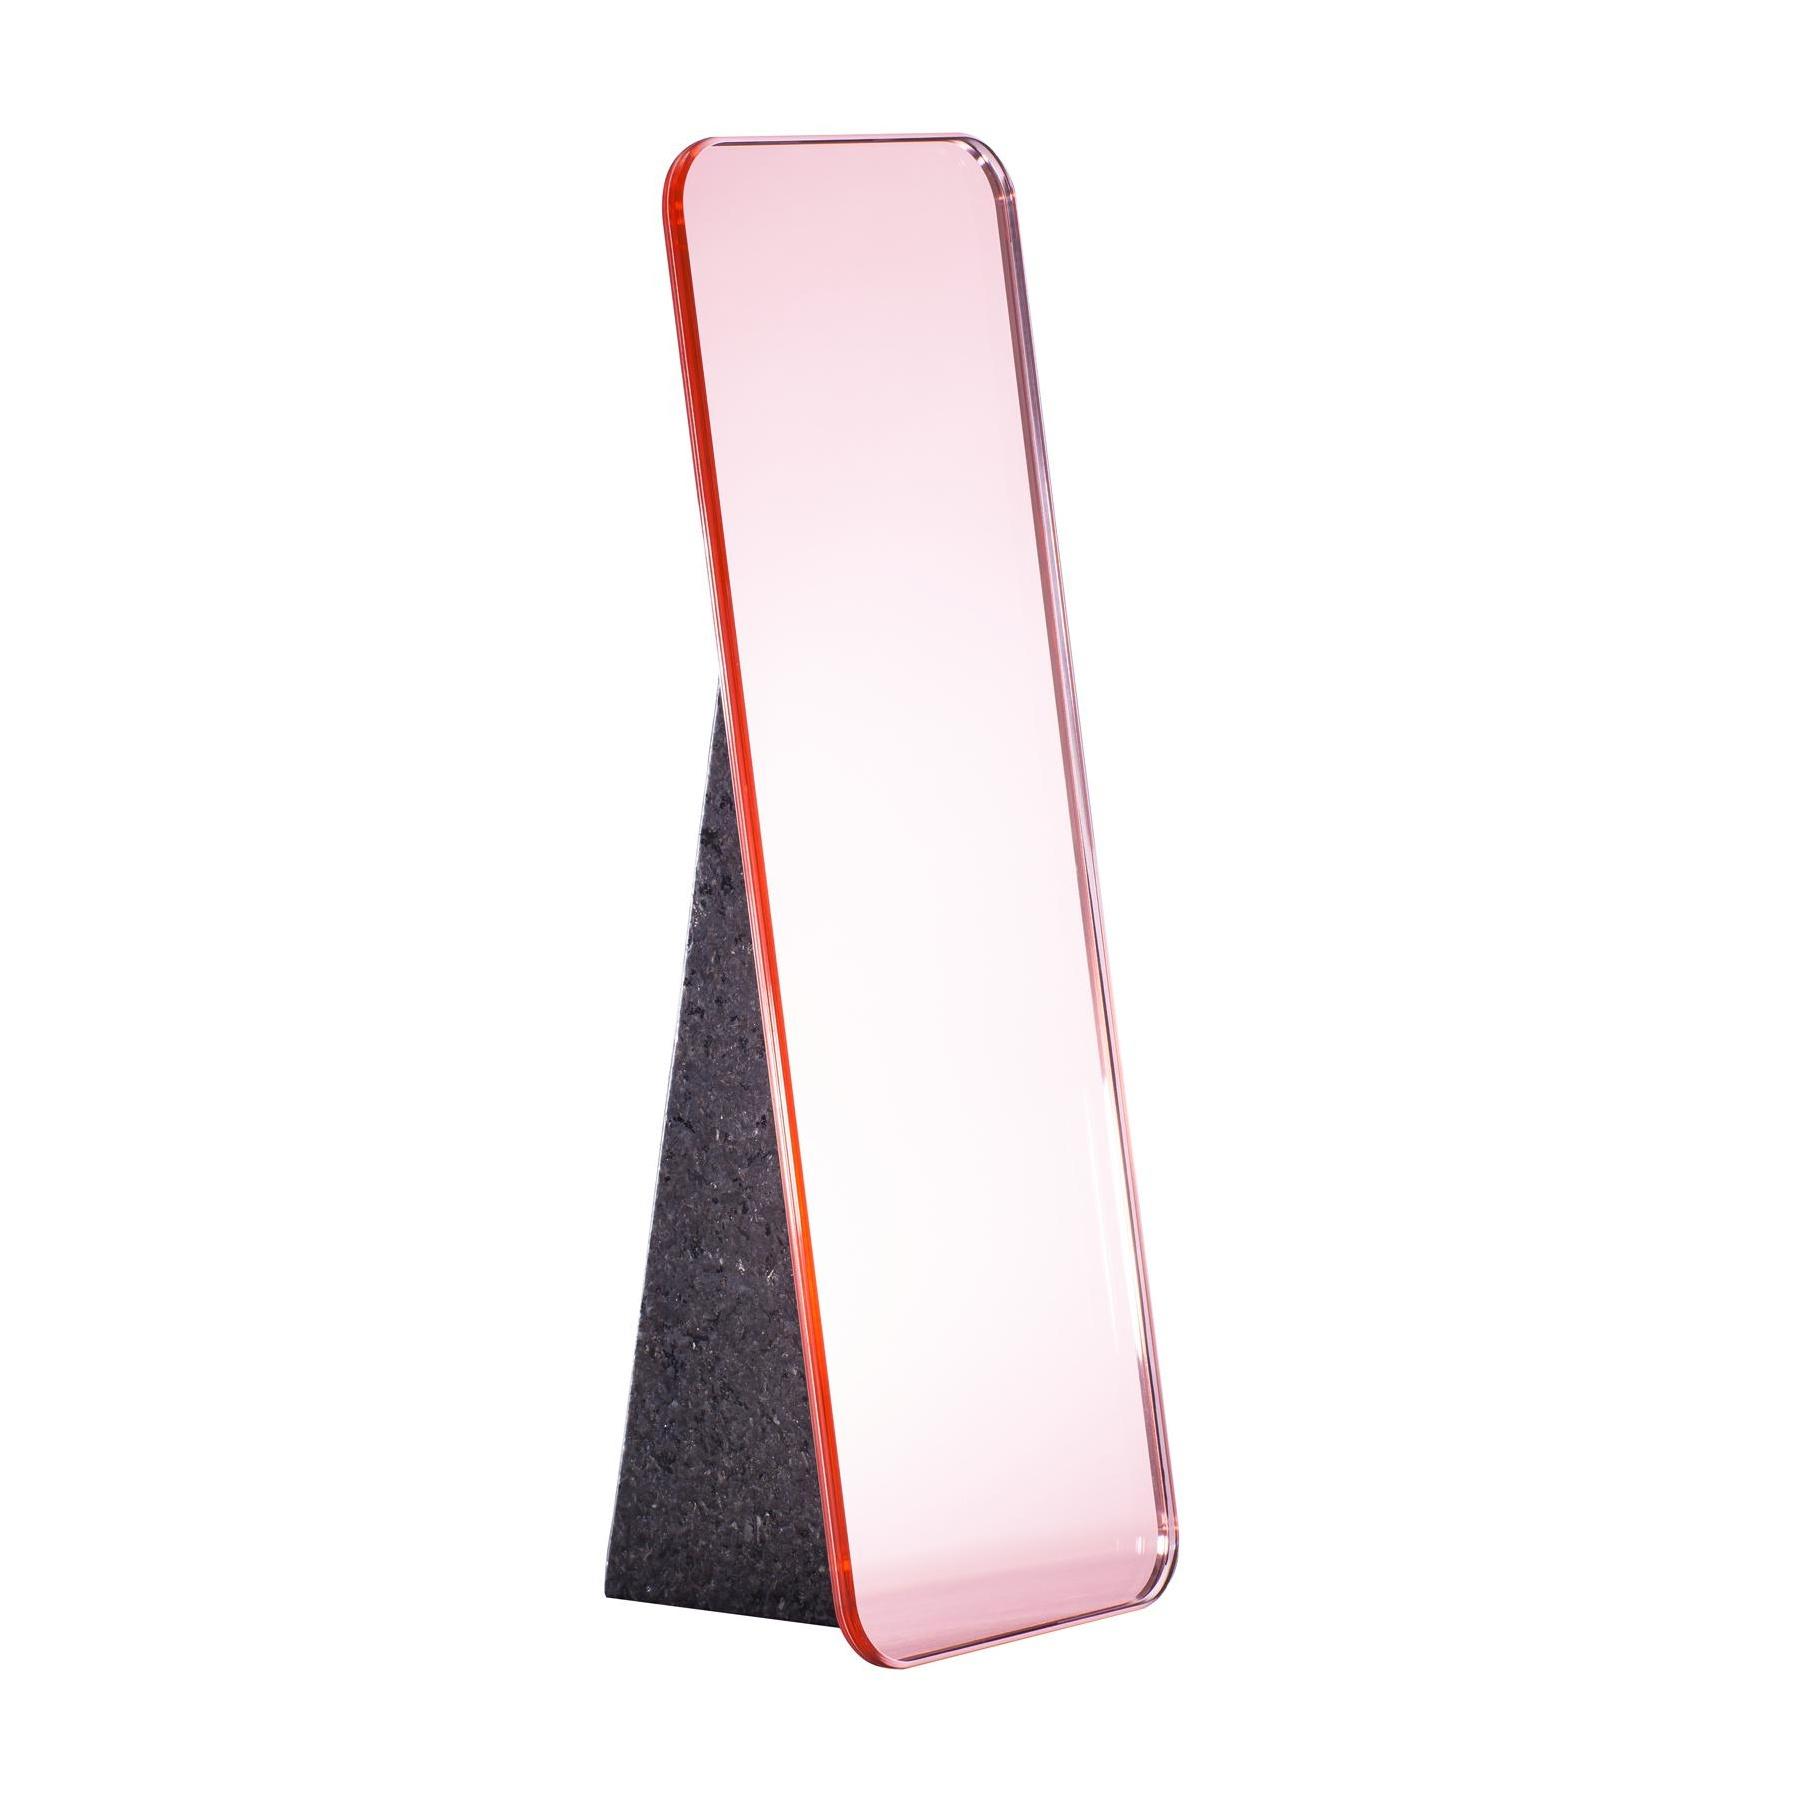 pulpo - Olivia Tischspiegel H 38cm - rosa/Standfuß schwarz/LxBxH 15x13x38cm | Flur & Diele > Spiegel > Standspiegel | Rosa | Spiegelglas| stein | pulpo